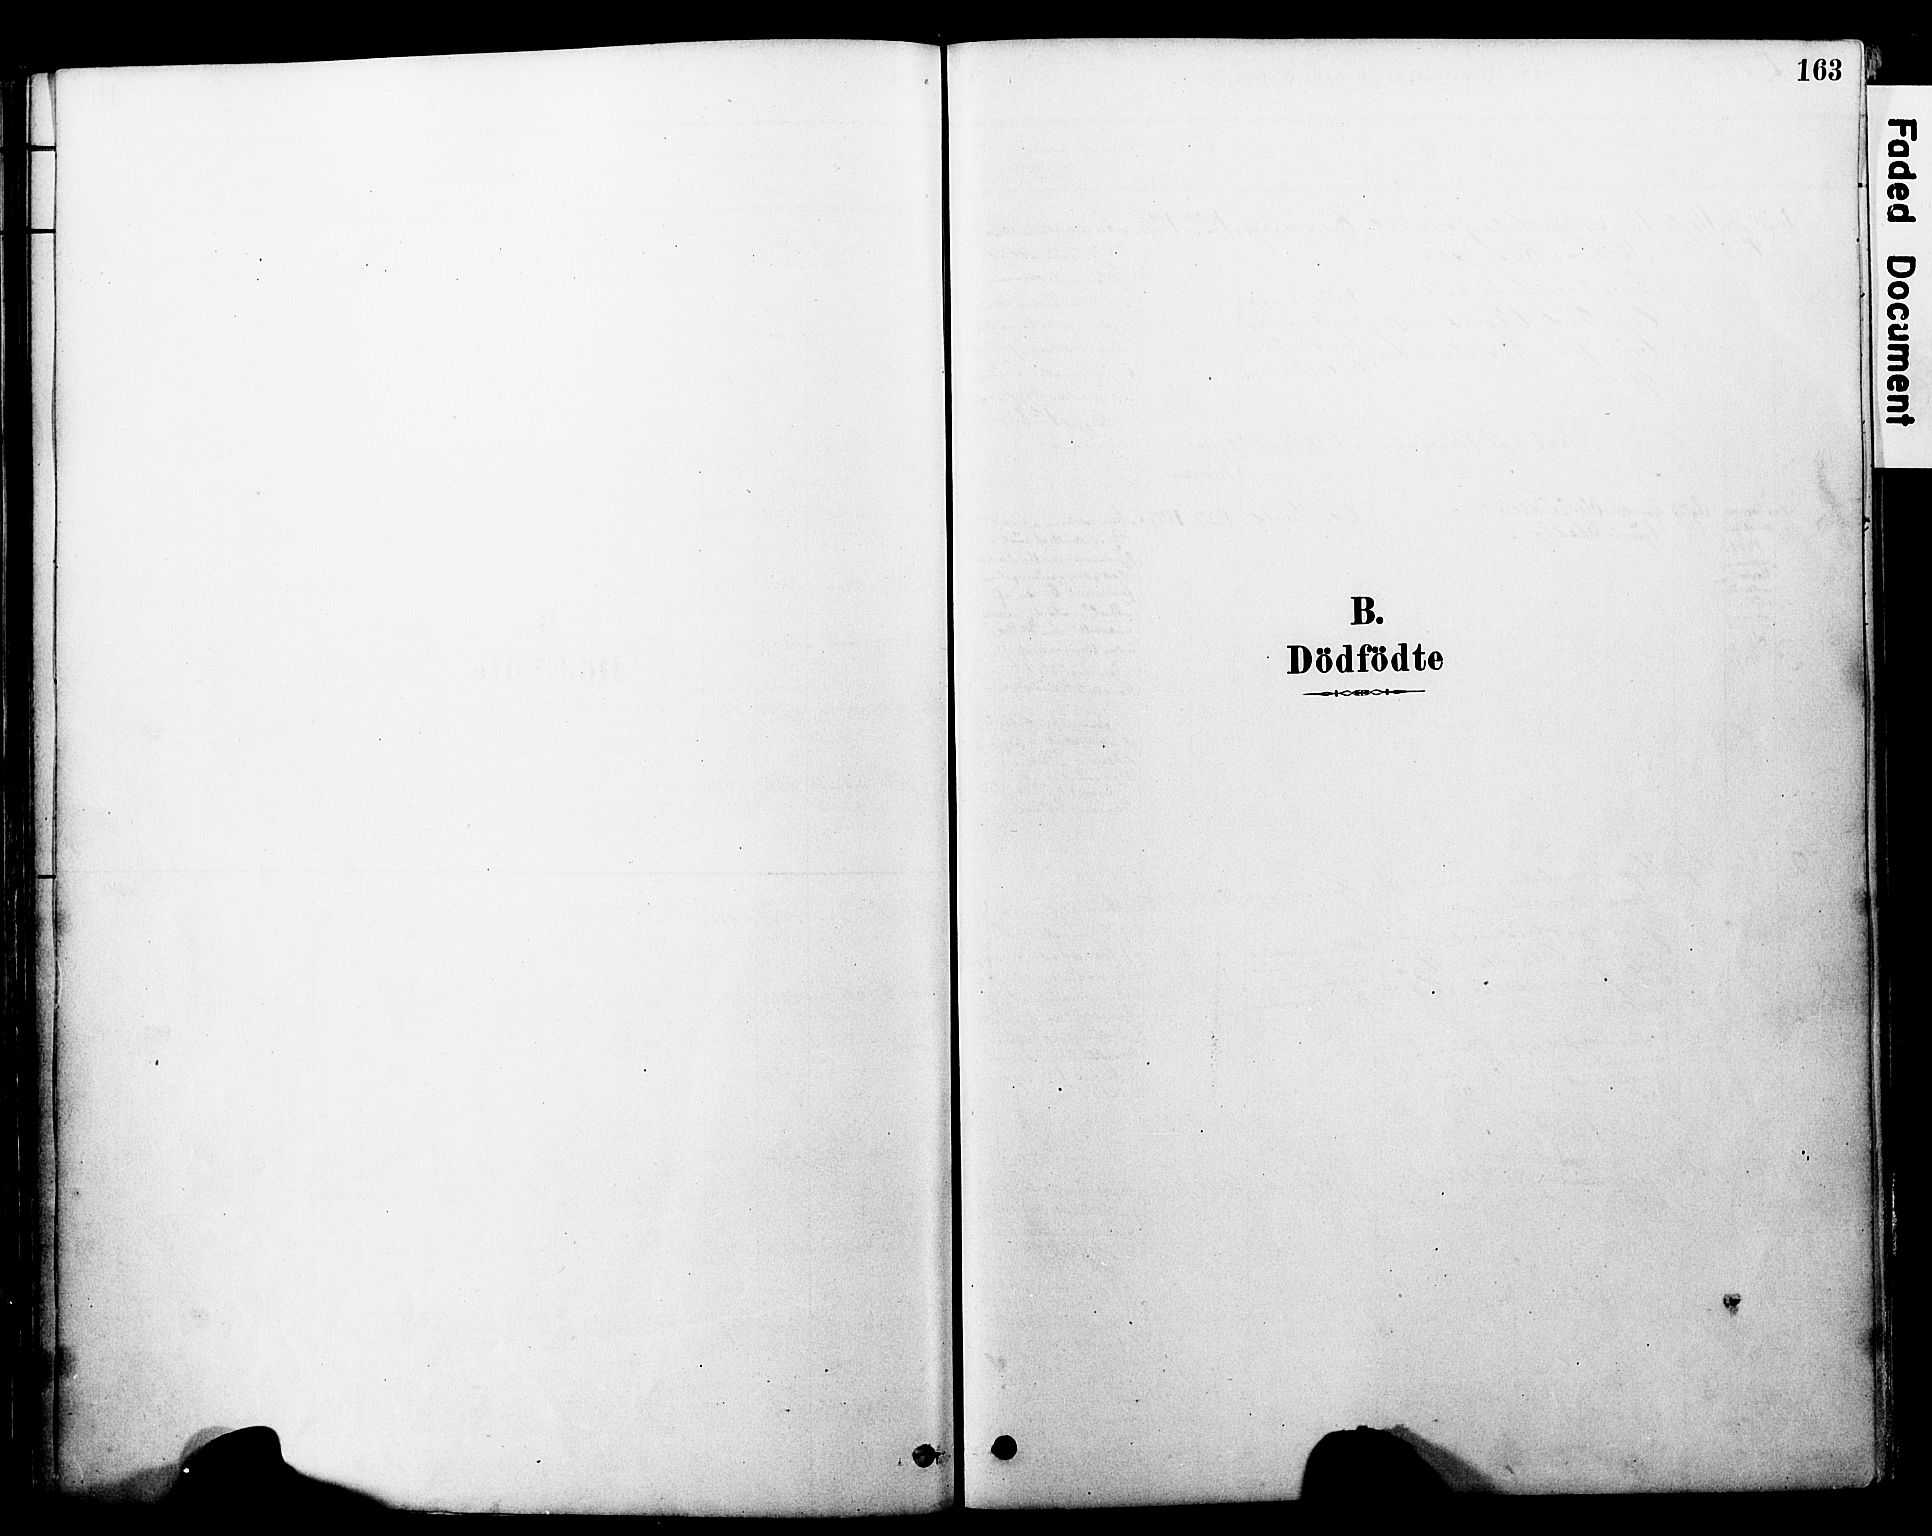 SAT, Ministerialprotokoller, klokkerbøker og fødselsregistre - Møre og Romsdal, 560/L0721: Ministerialbok nr. 560A05, 1878-1917, s. 163